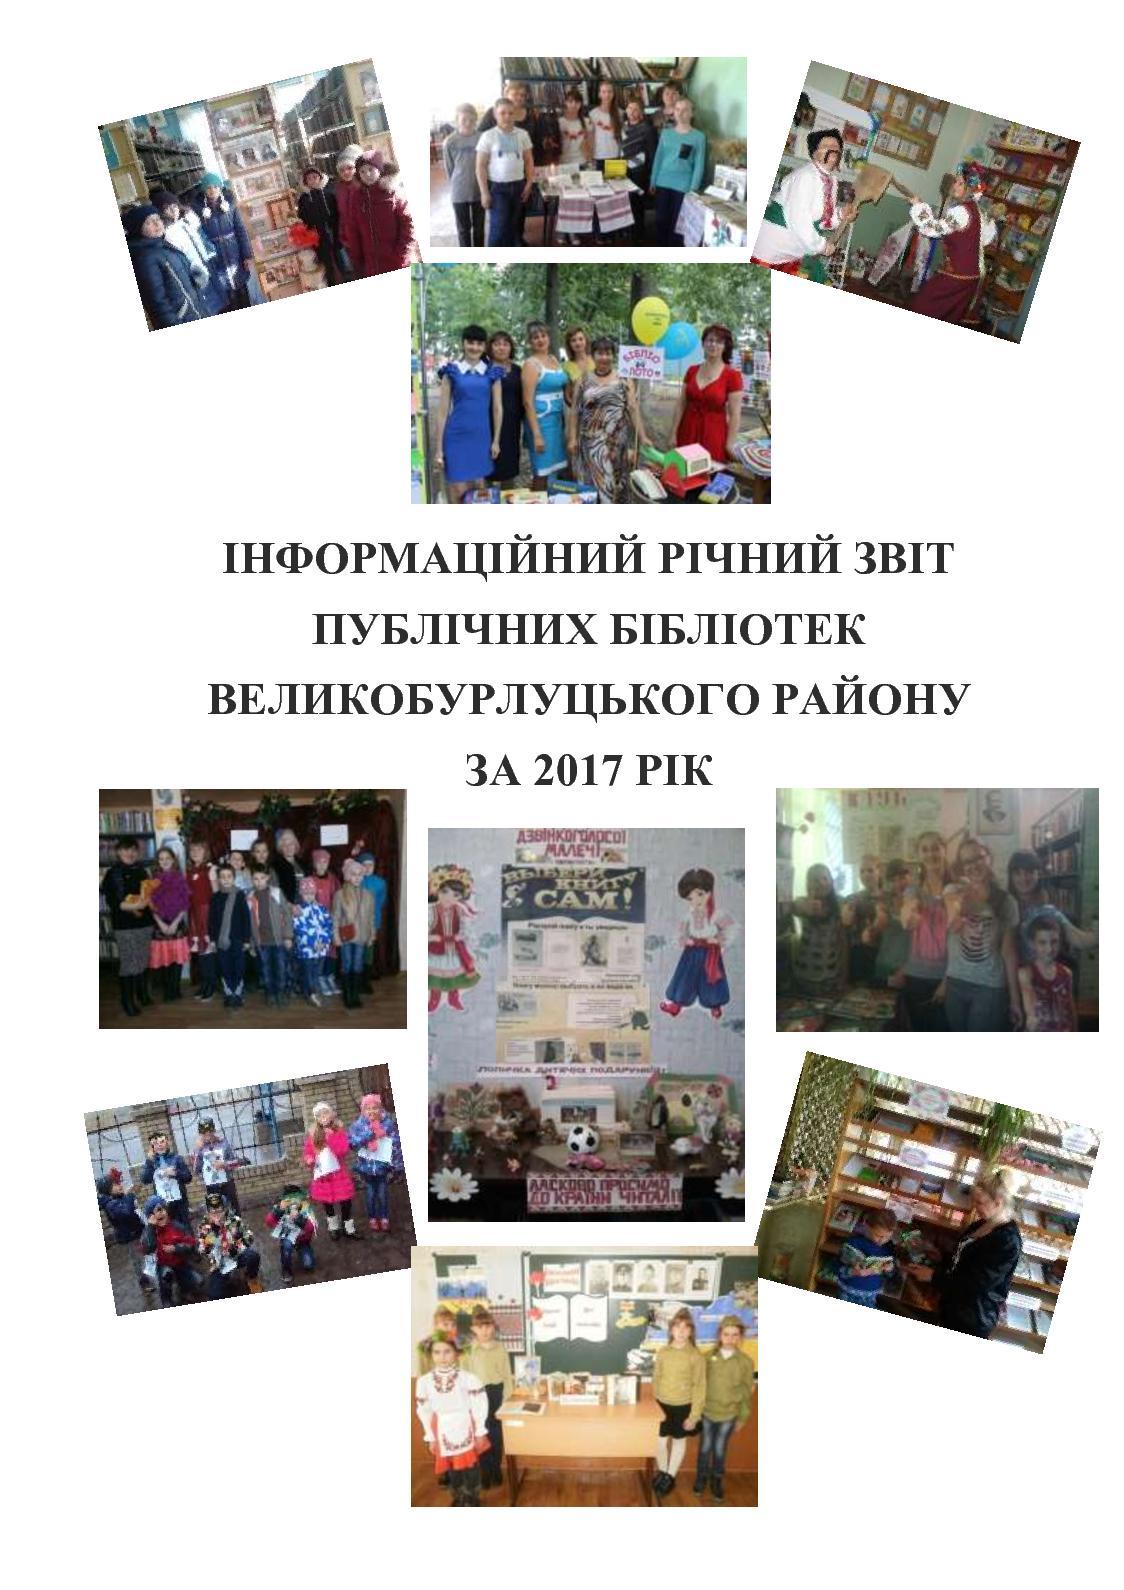 Інформаційний річний звіт публічних бібліотек Великобурлуцького району за 2017 рік